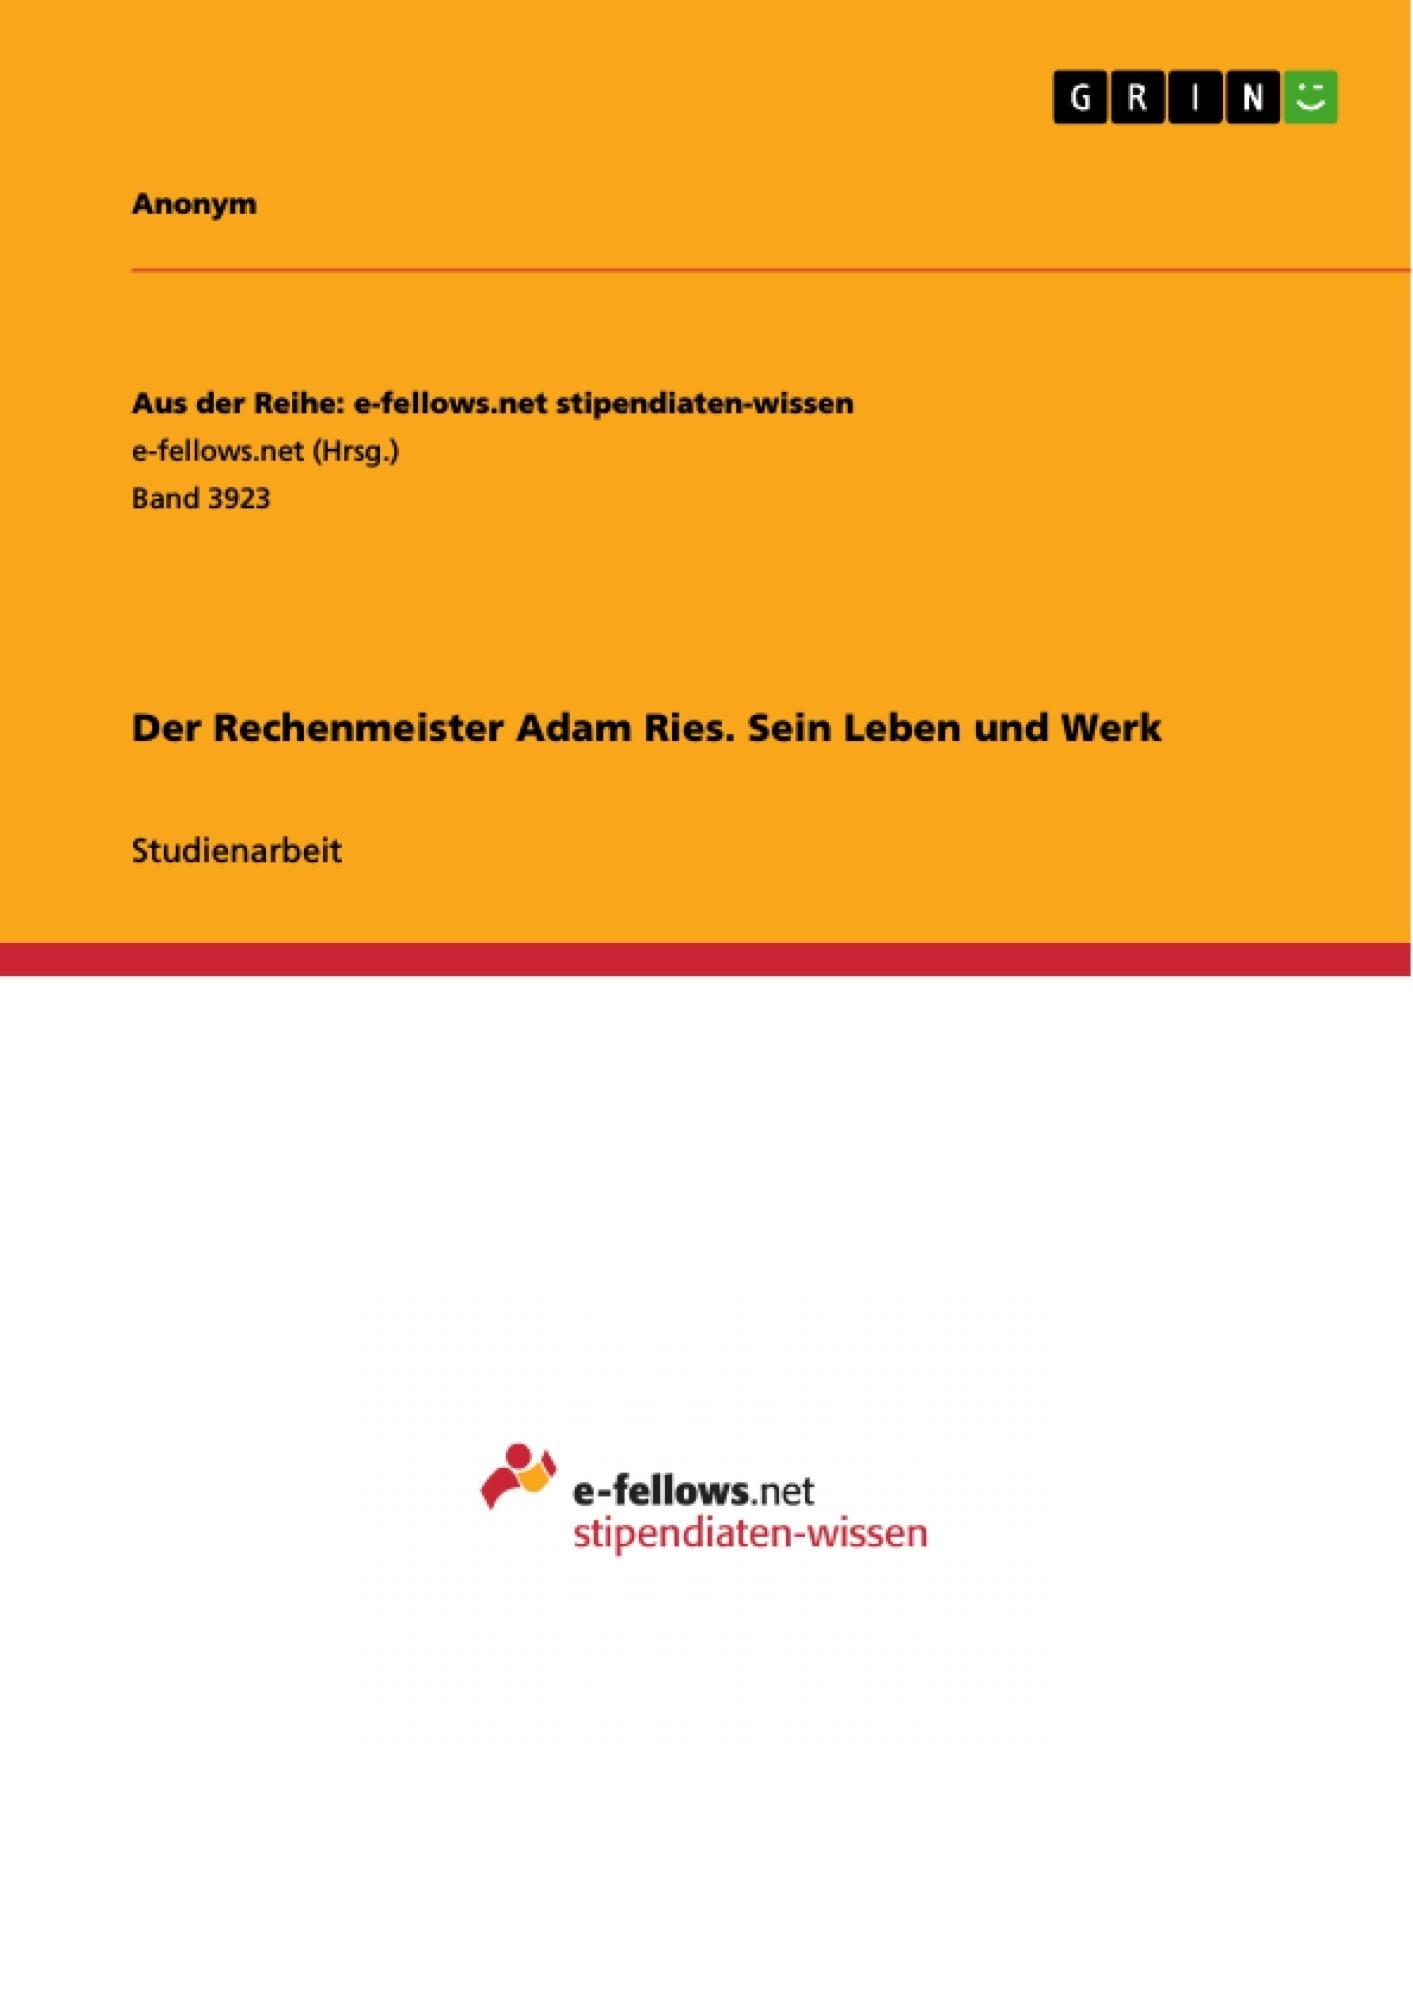 Titel: Der Rechenmeister Adam Ries. Sein Leben und Werk